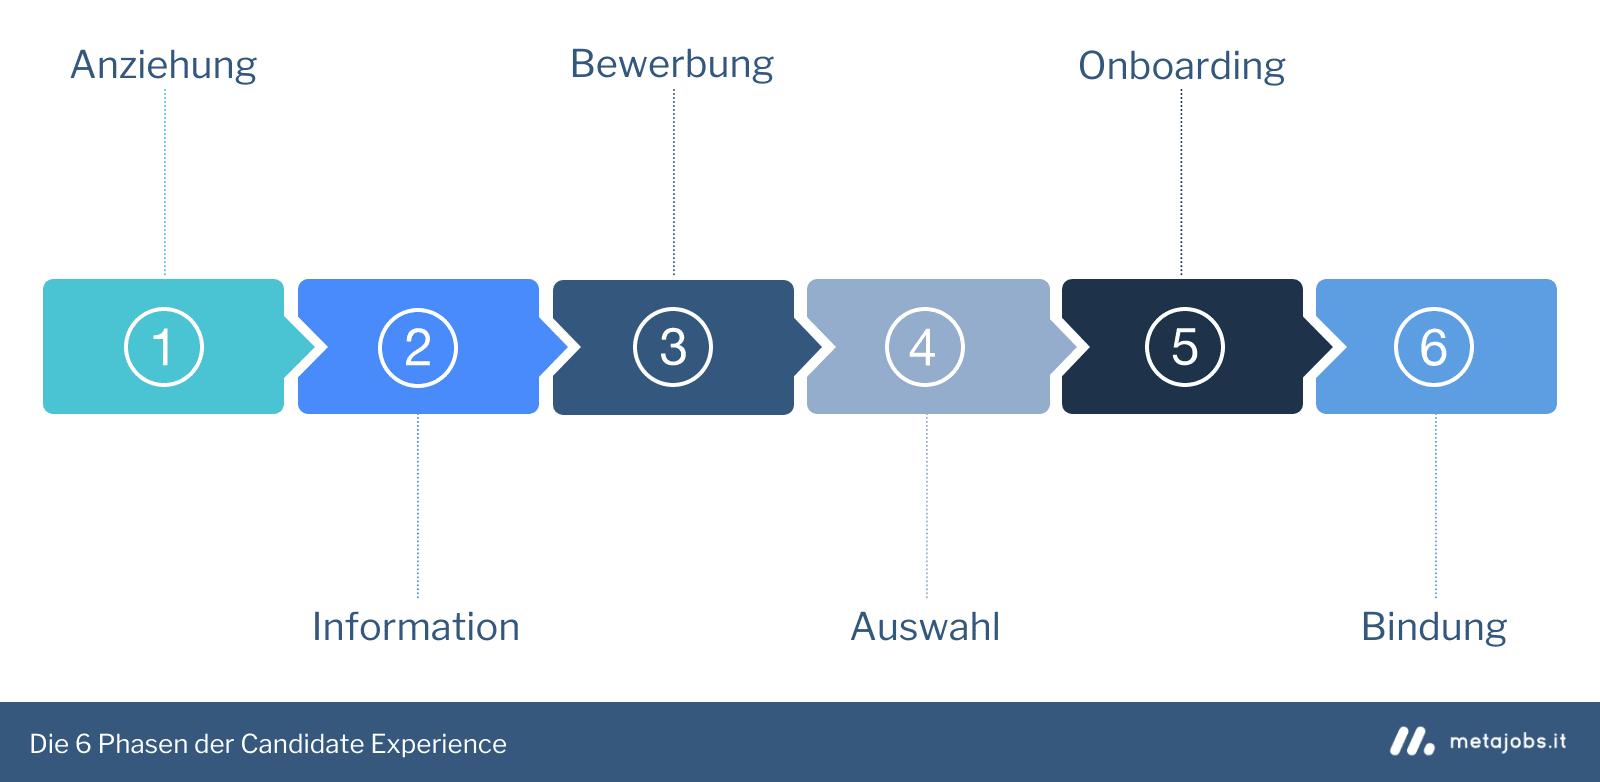 Die 6 Phasen in der Candidate Experience Infografik